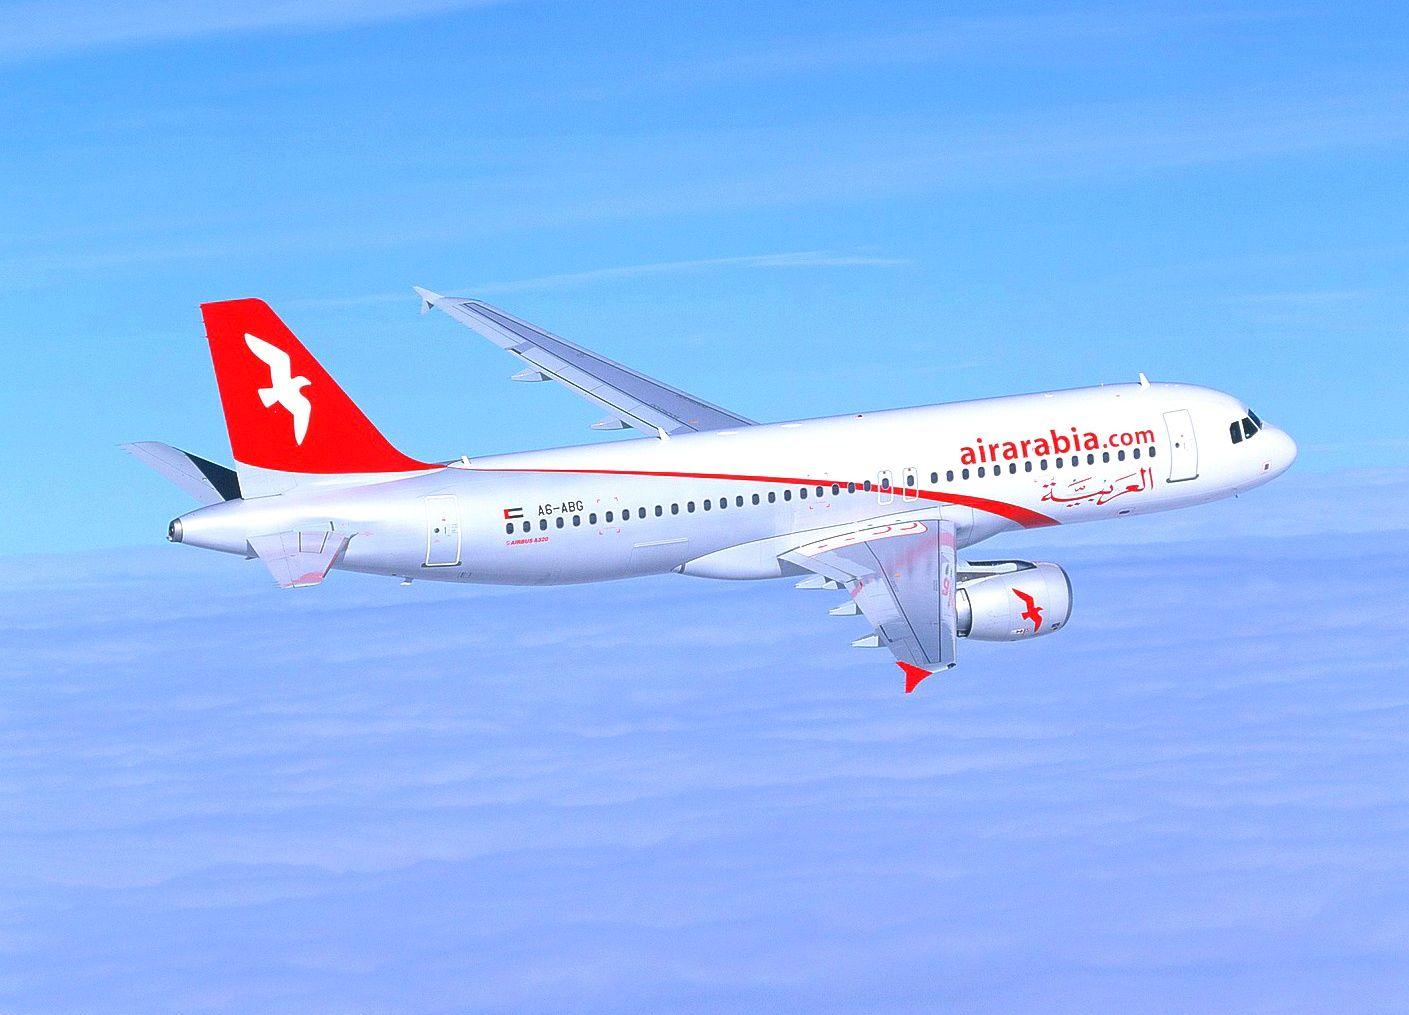 حجز رحلات طيران العربية عبر الإنترنت بأرخص الأسعار العربية للطيران حجز طيران Air Arabia Emirates Airline Aviation News